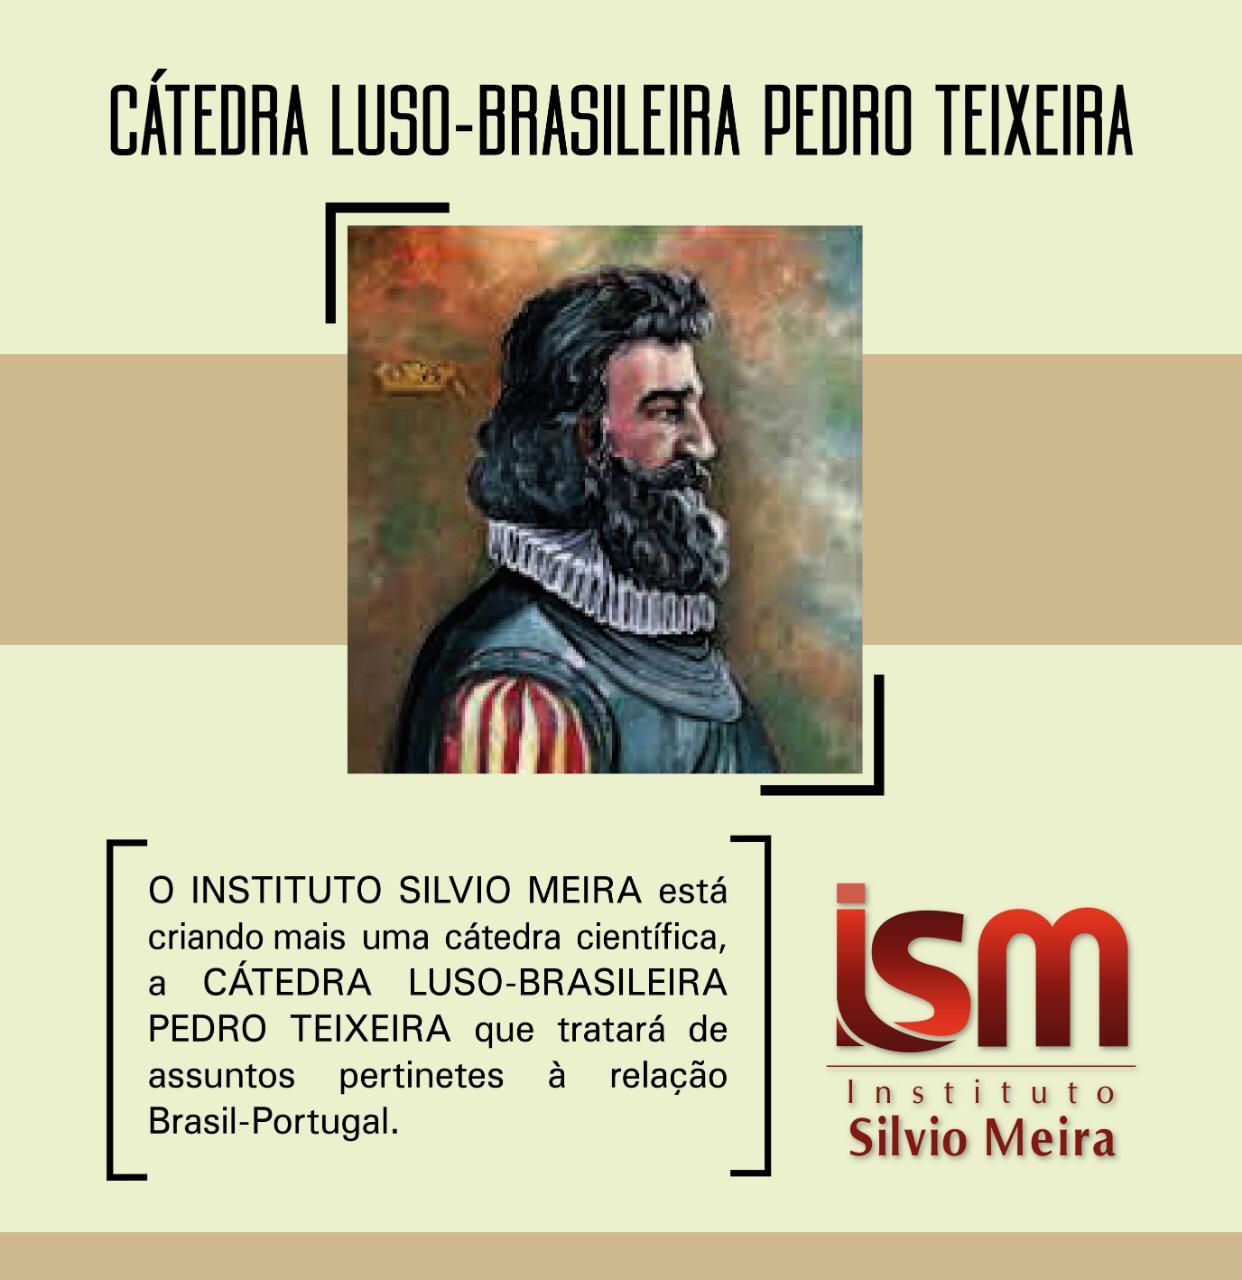 Cátedra Luso-Brasileira Pedro Teixeira